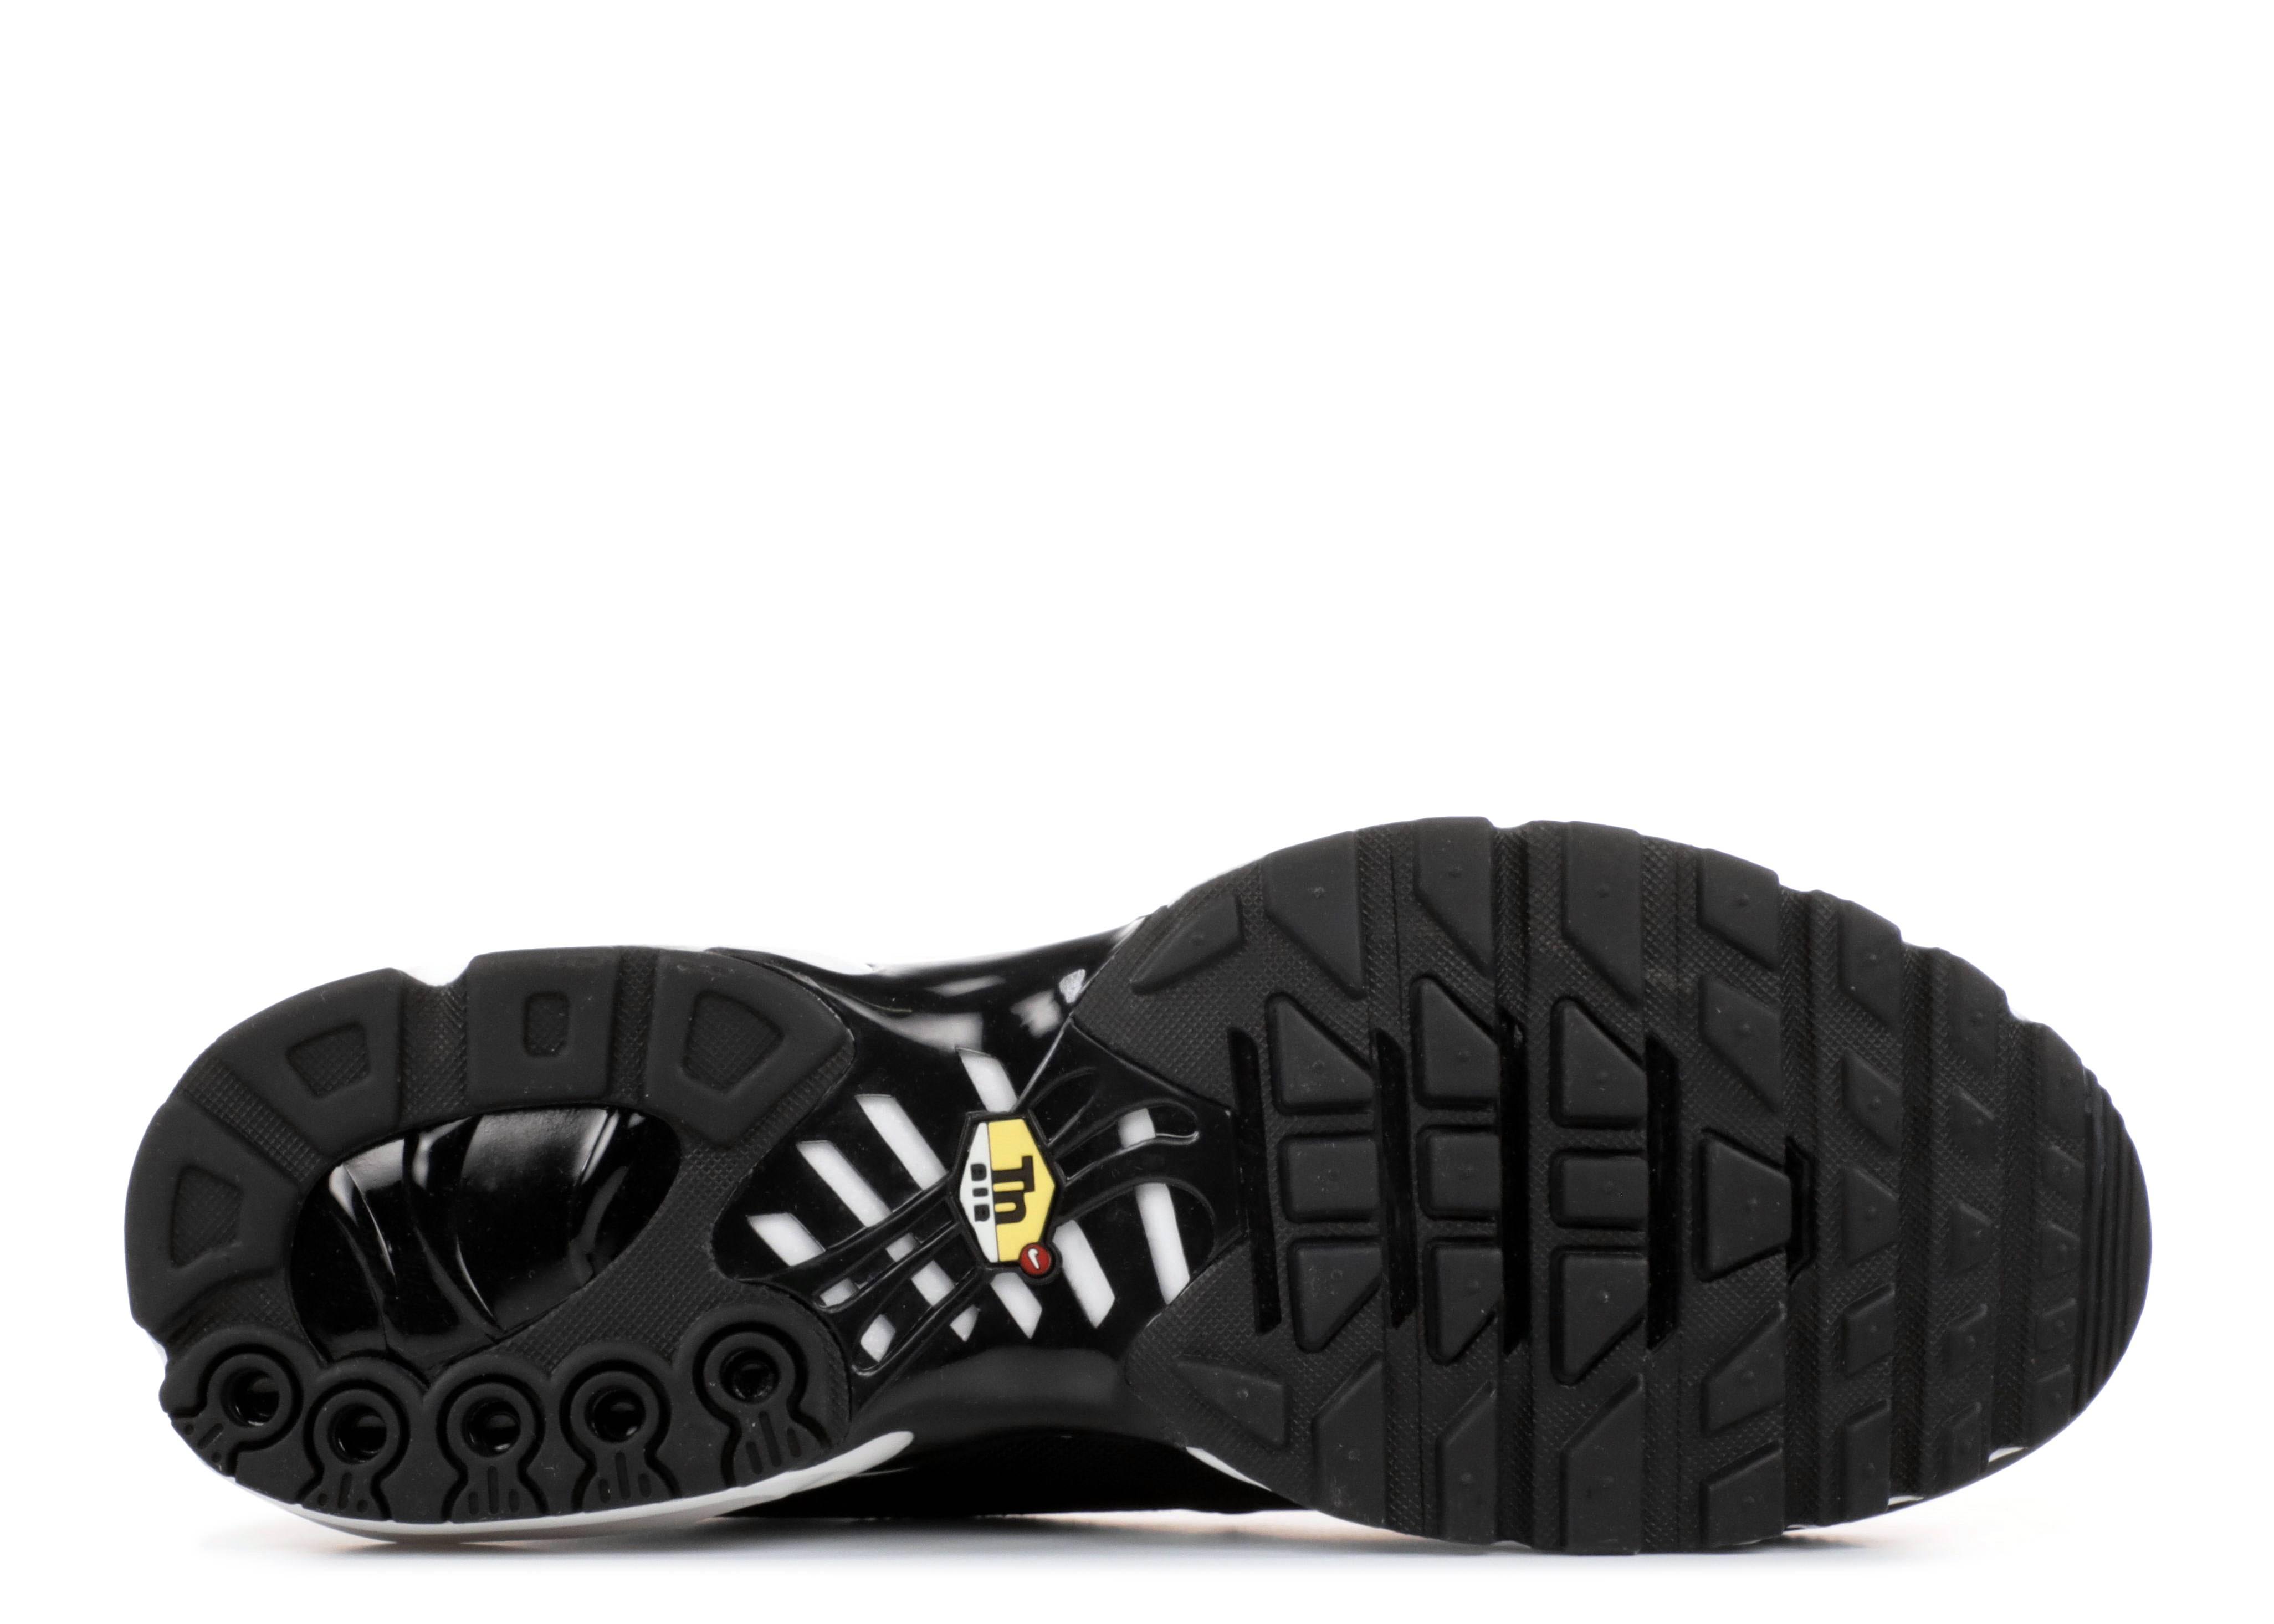 bfffdcb025 Air Max Plus/97 - Nike - ah8143 001 - black/anthracite-white   Flight Club